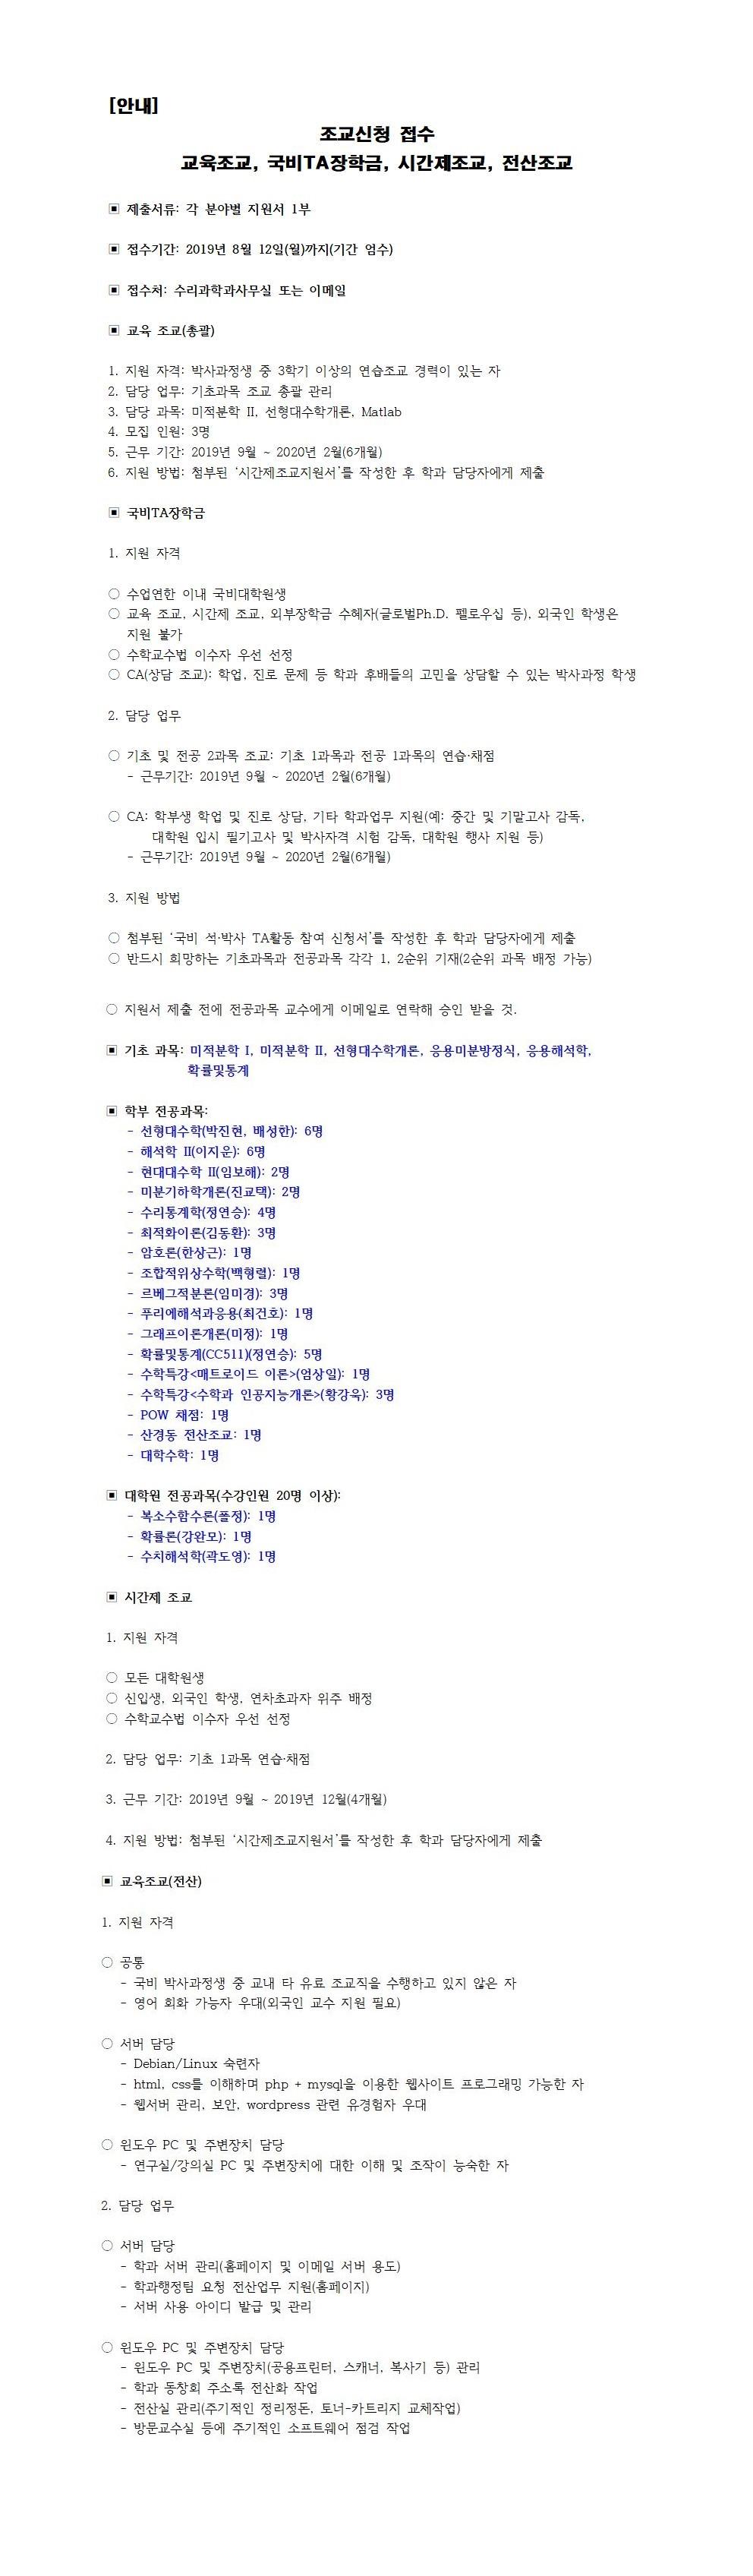 2019학년 가을학기 조교모집 공지004.jpg